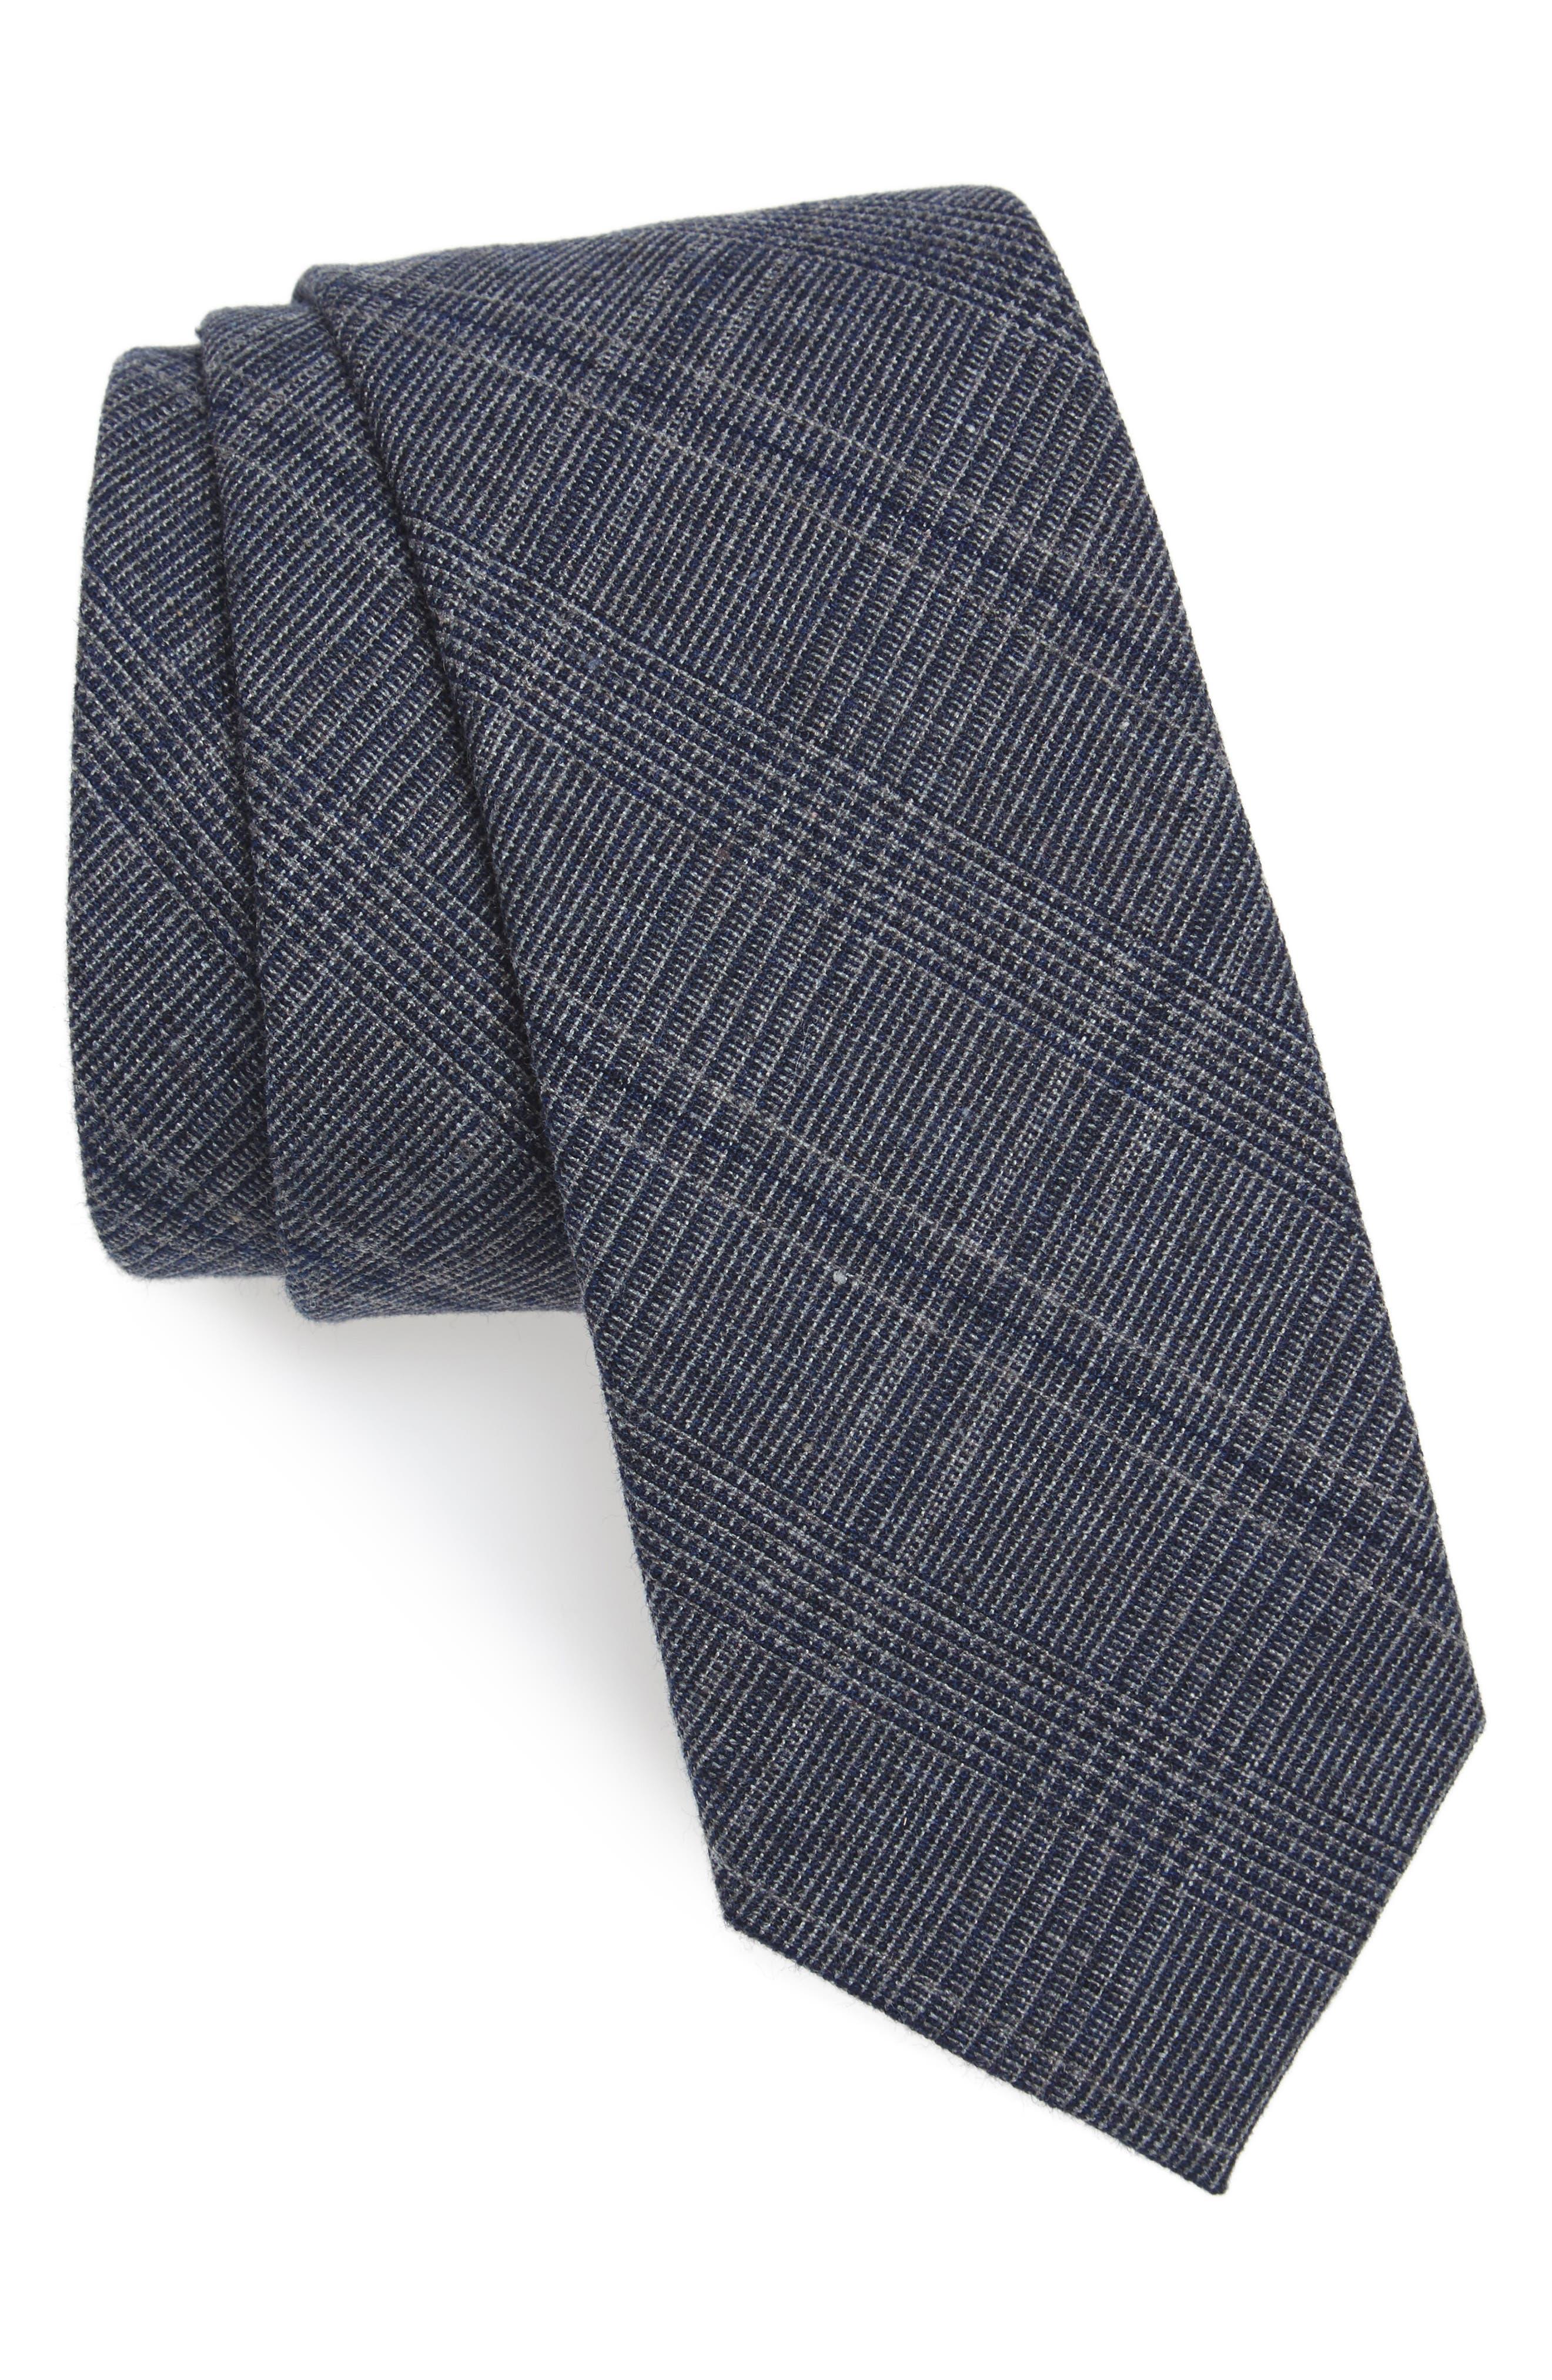 Cobble Plaid Cotton & Linen Tie,                             Main thumbnail 1, color,                             412